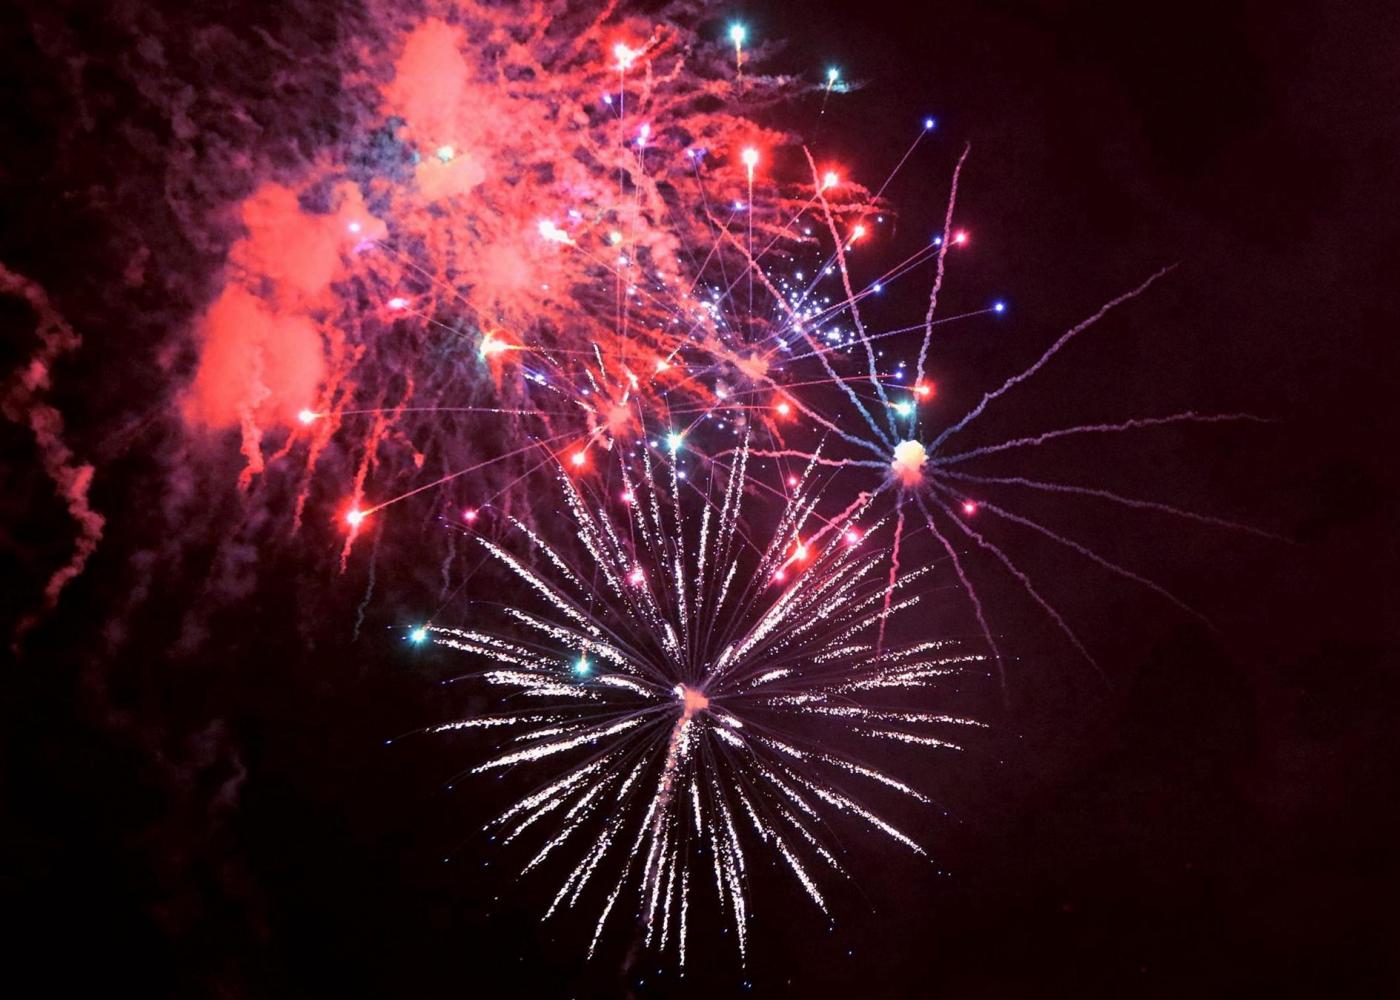 新泽西小镇125岁生日焰火实录_图1-14